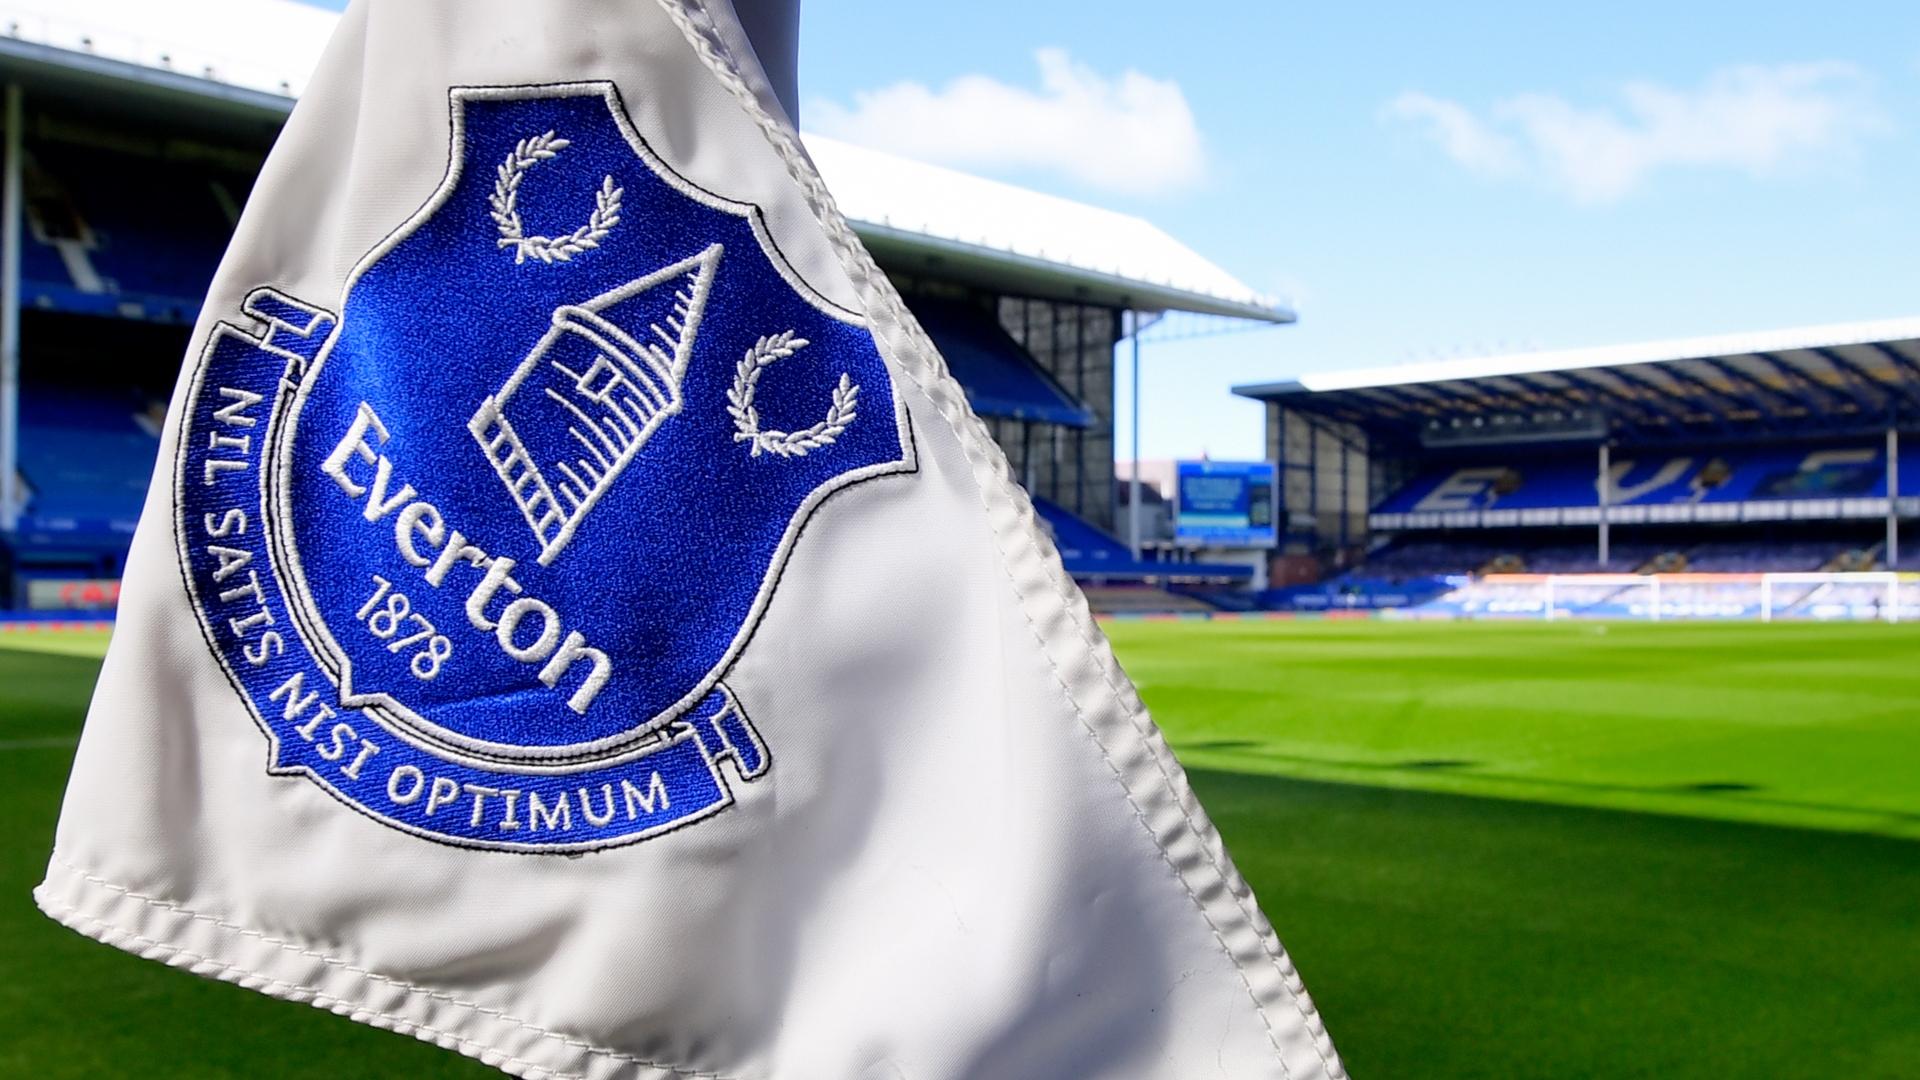 European Super League: Everton accuse Premier League six of 'betraying' fans